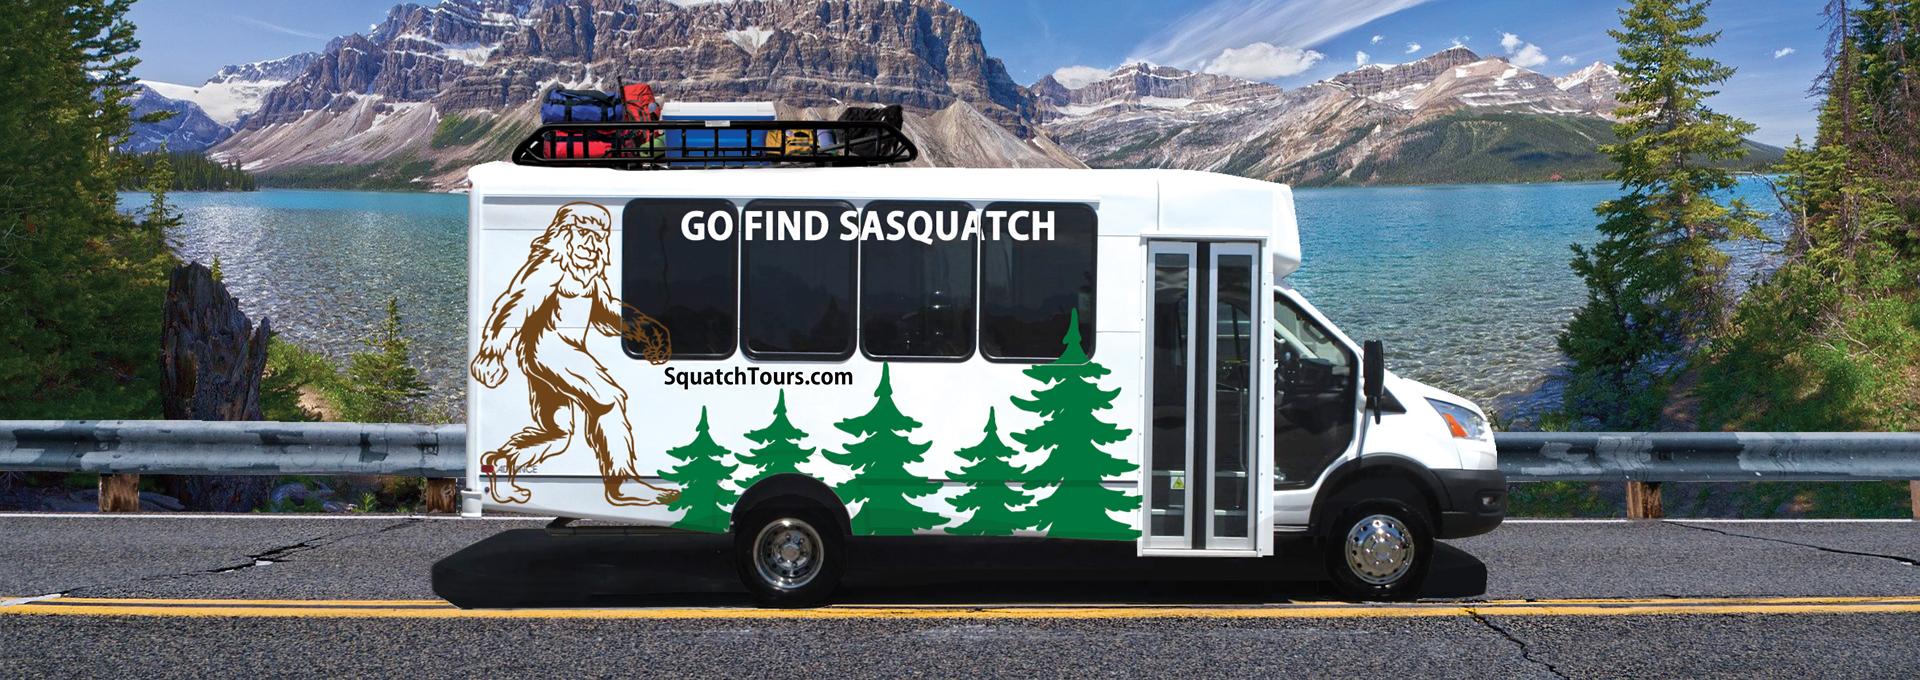 SQUATCH TOURS